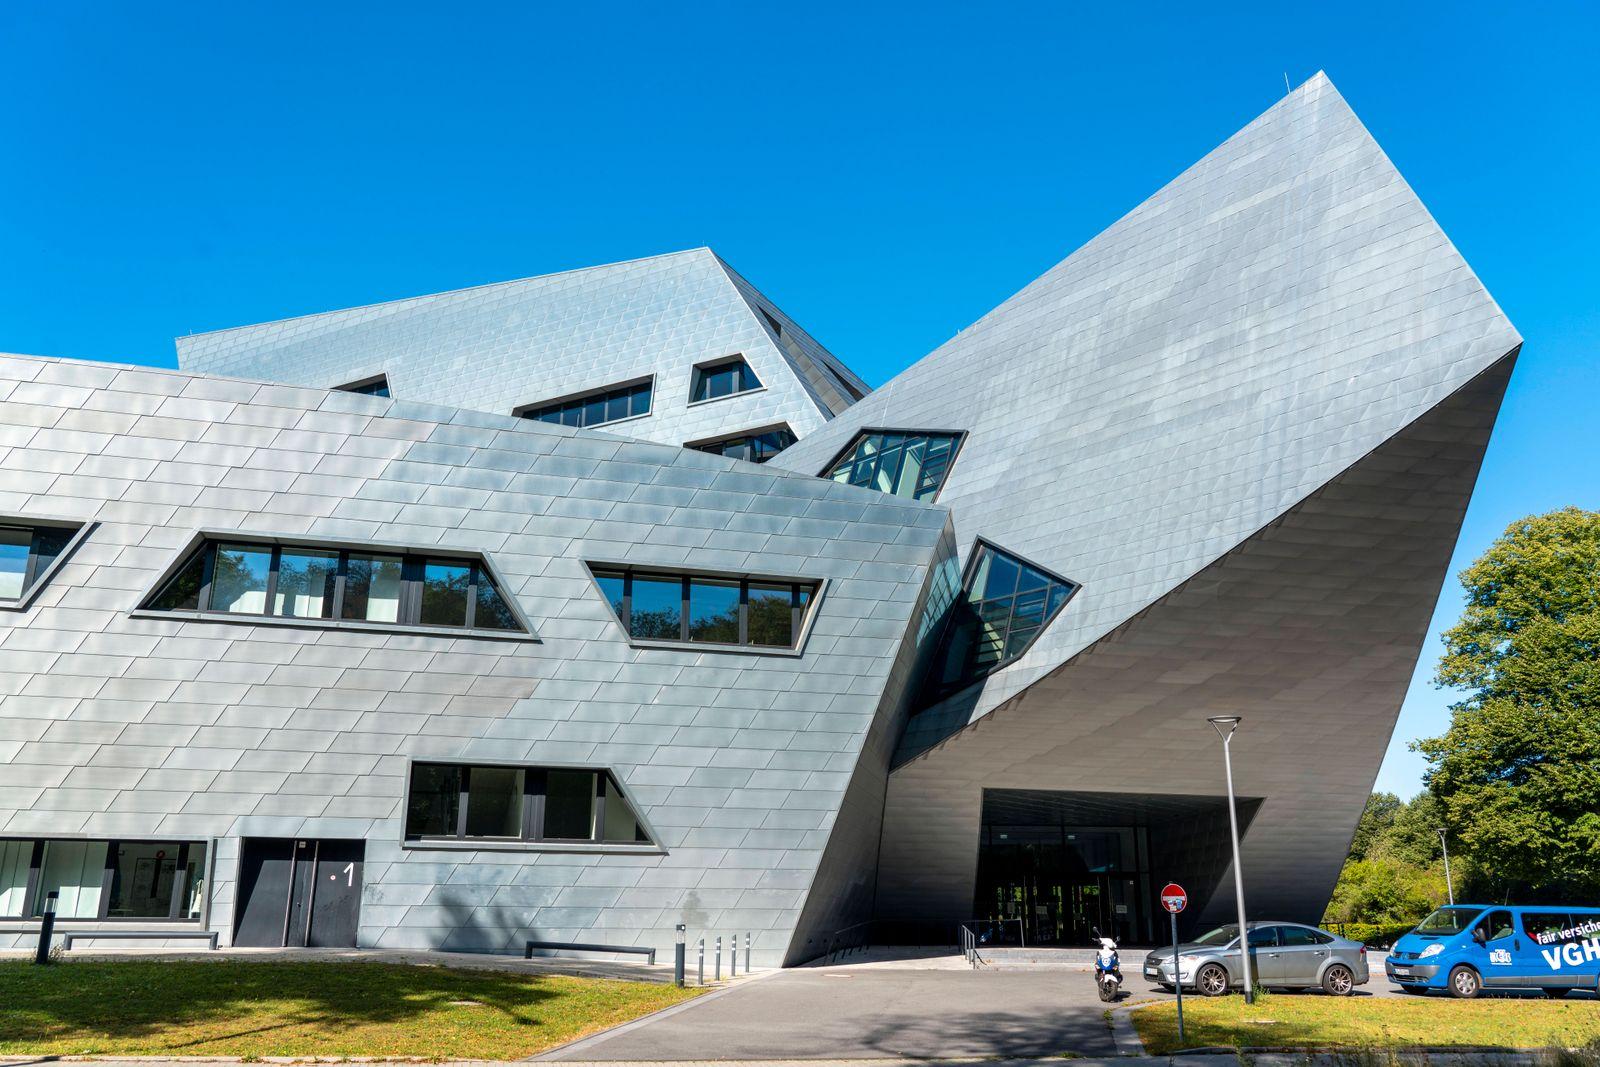 Die Leuphana Universität Lüneburg, Zentralgebäude, von Daniel Libeskind entworfen, Niedersachsen, Deutschland, Lüneburg